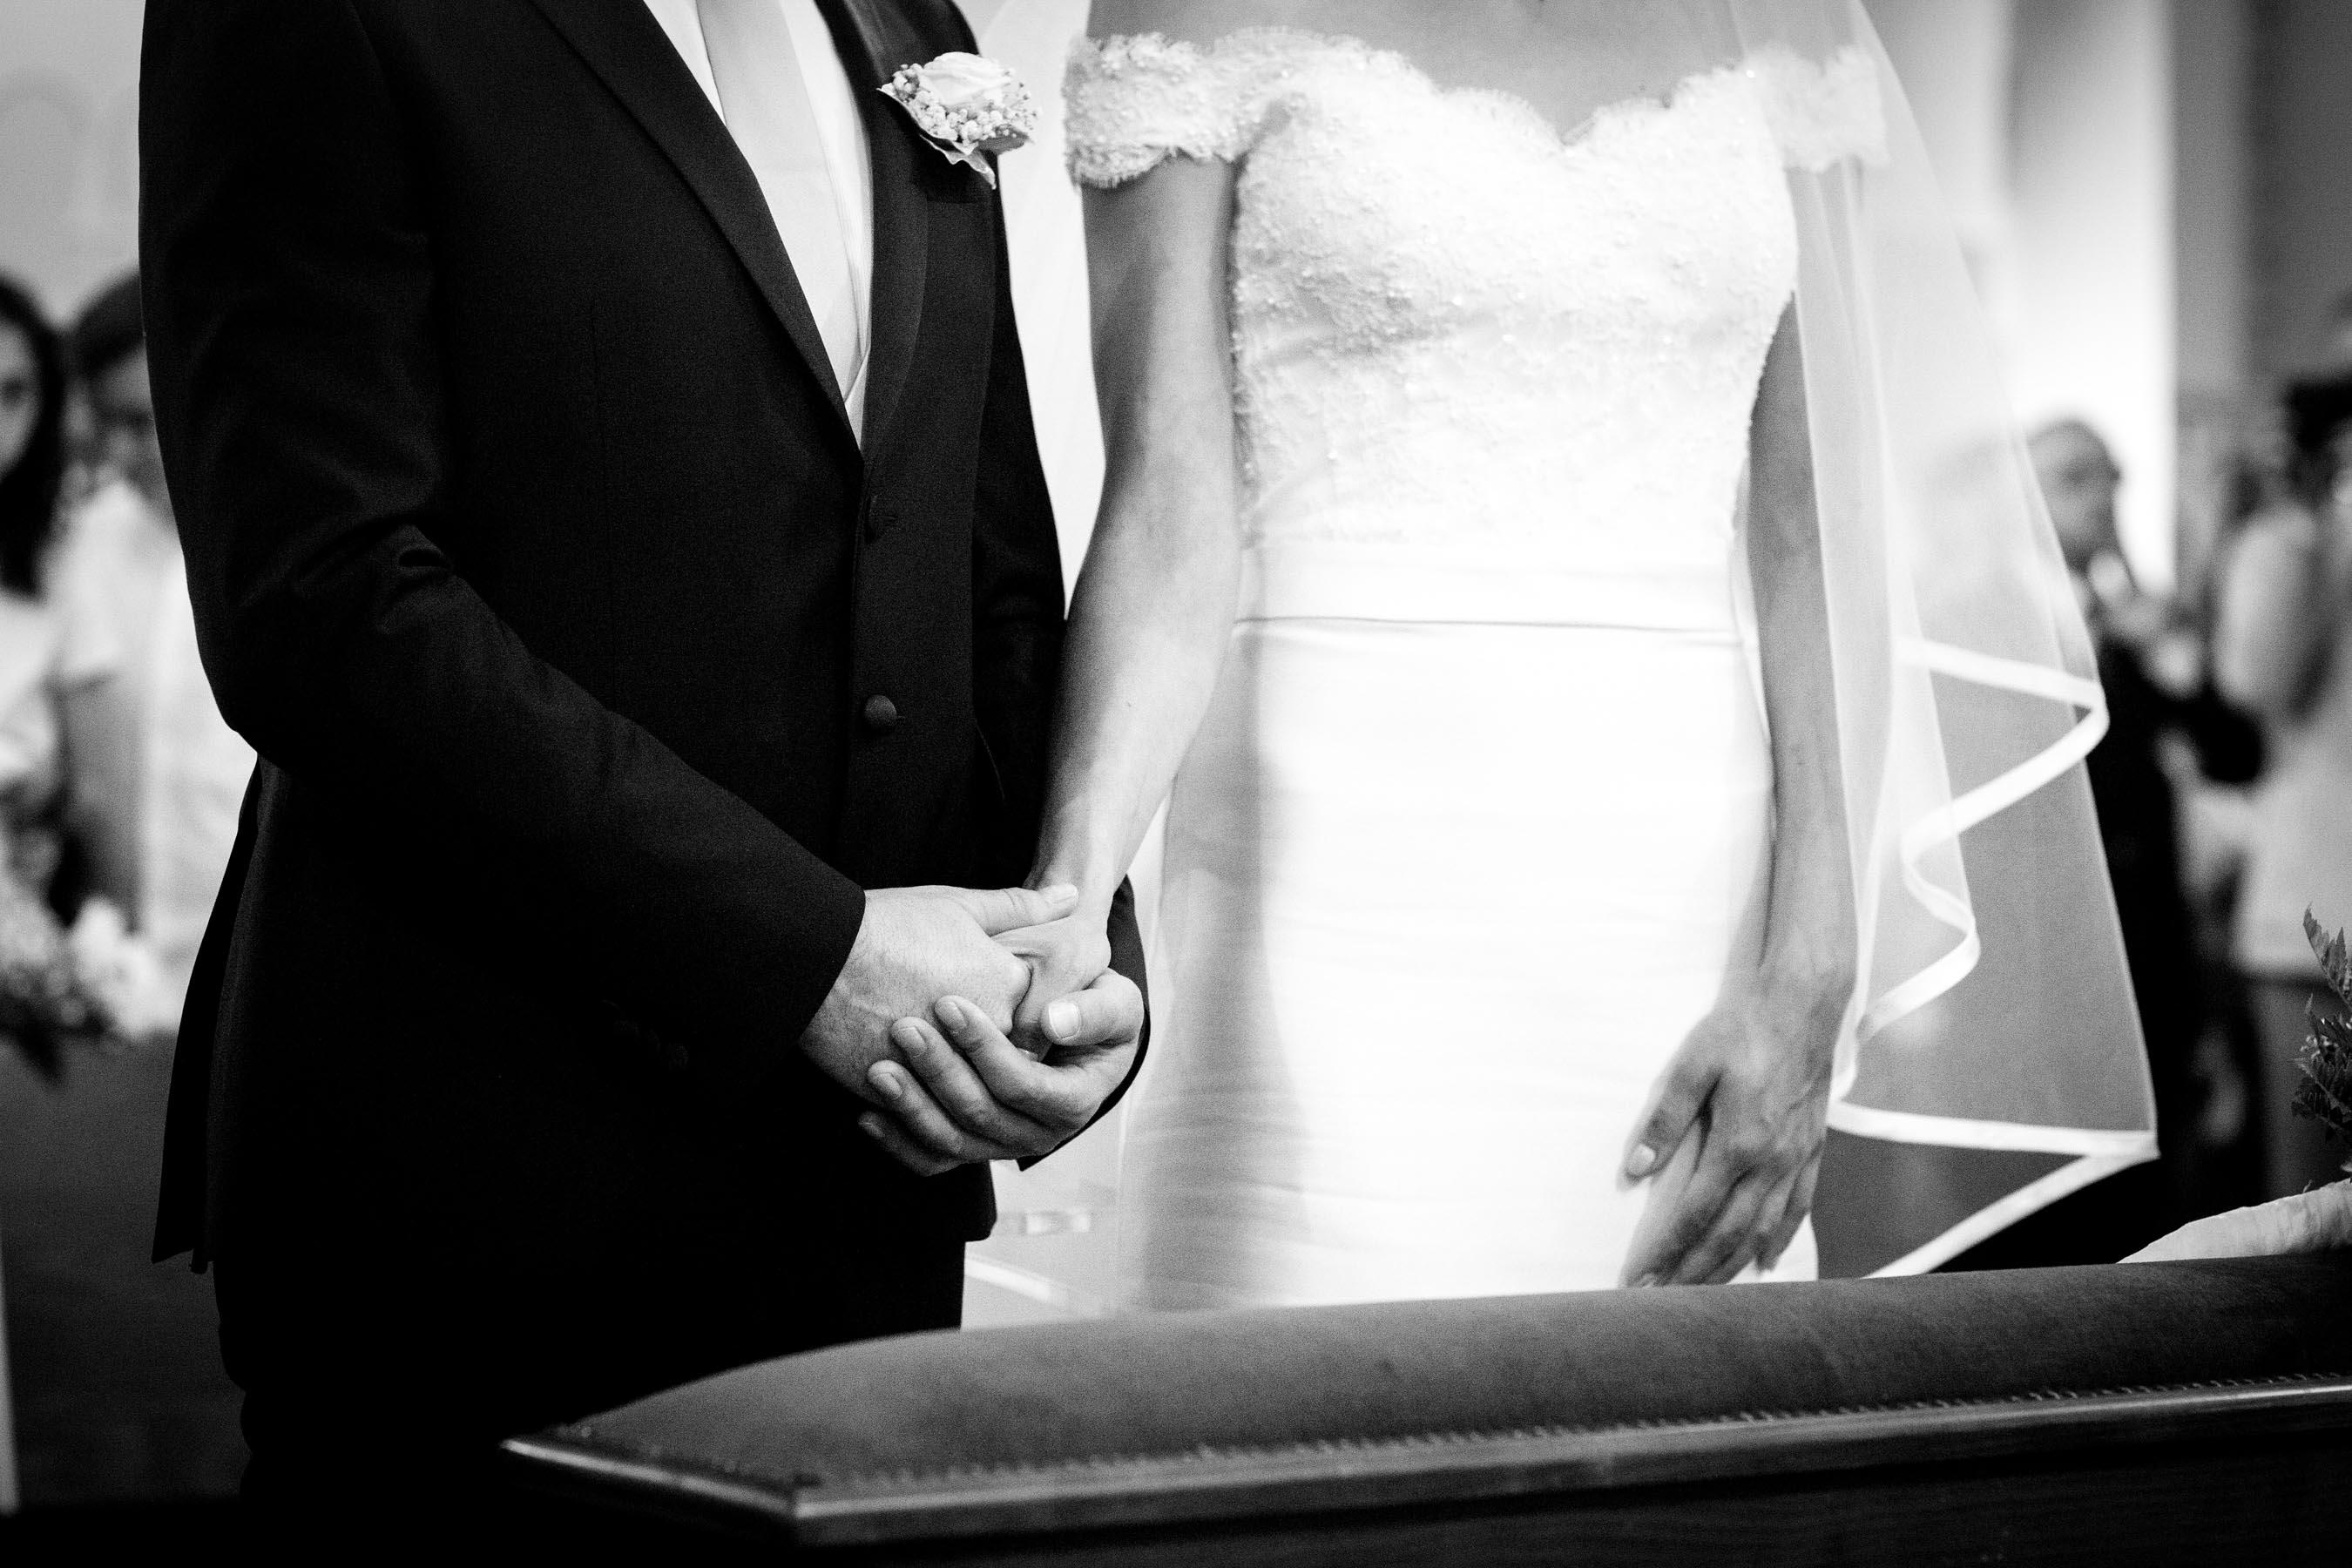 art foto_torino_monica sica photography_la vià _cavour_ fotografo matrimonio_torino-28